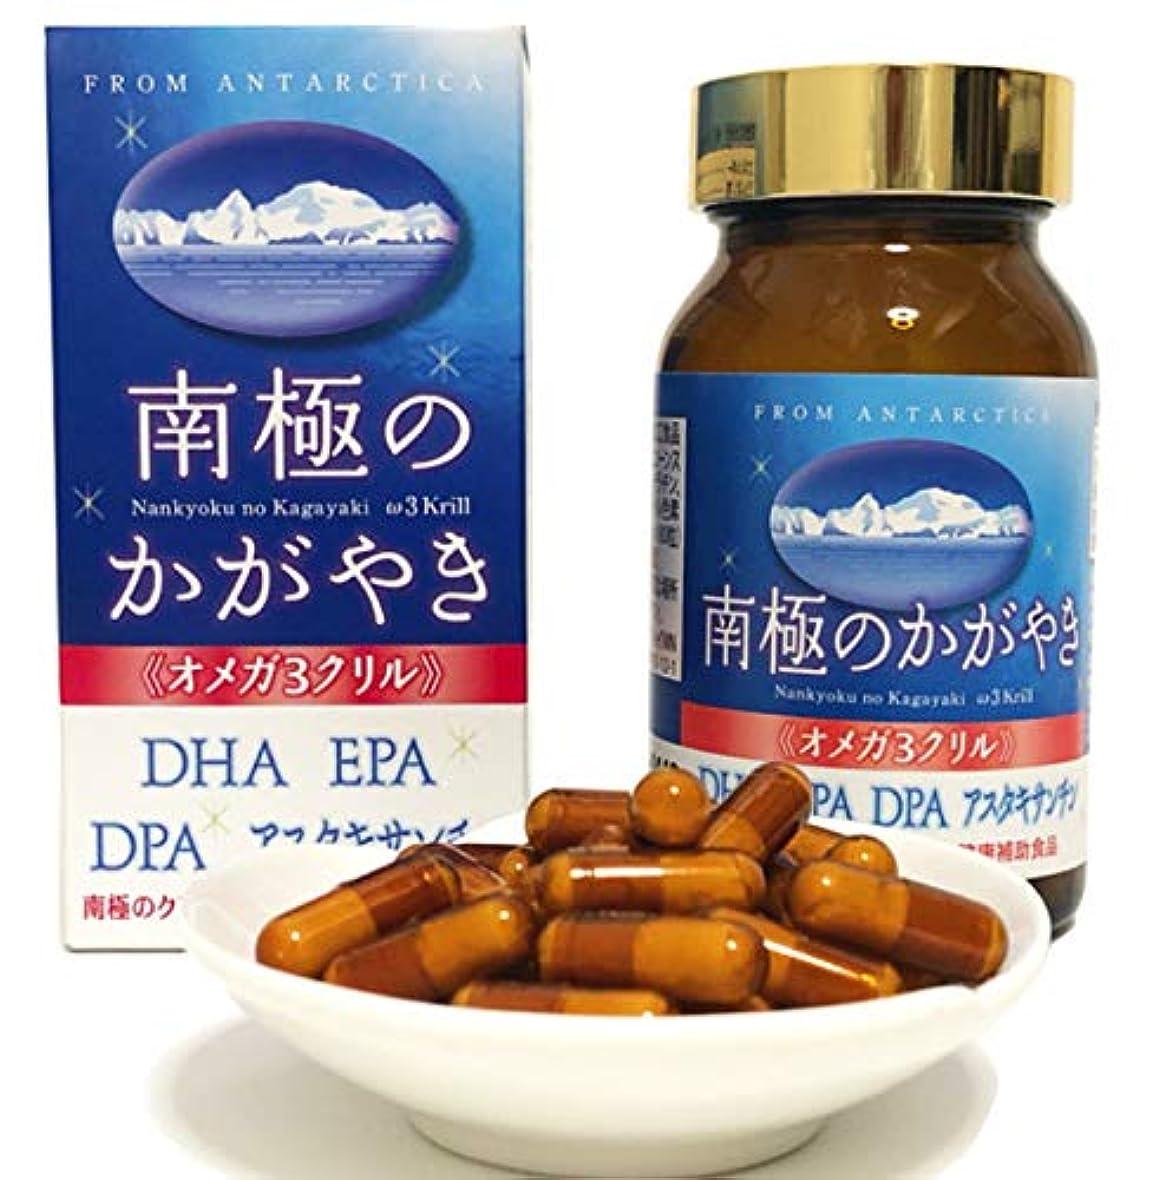 請求可能先雹南極のかがやき クリルオイル オメガ3 脂肪酸 サプリメント オキアミ DHA EPA DPA アスタキサンチン 80粒